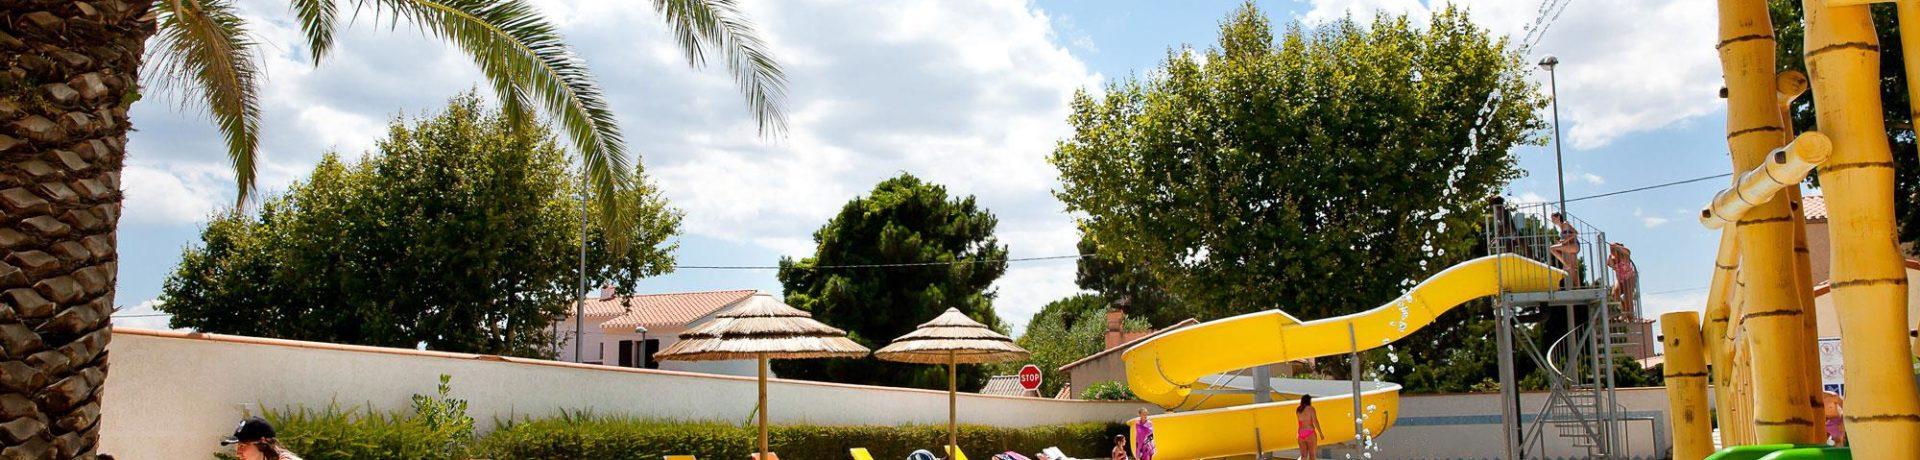 Camping La Pergola in Saintes-Marie-de-la-Mer is een kindvriendelijke camping aan de Middellandse zee met veel faciliteiten in de Pyrénées-Orientales.